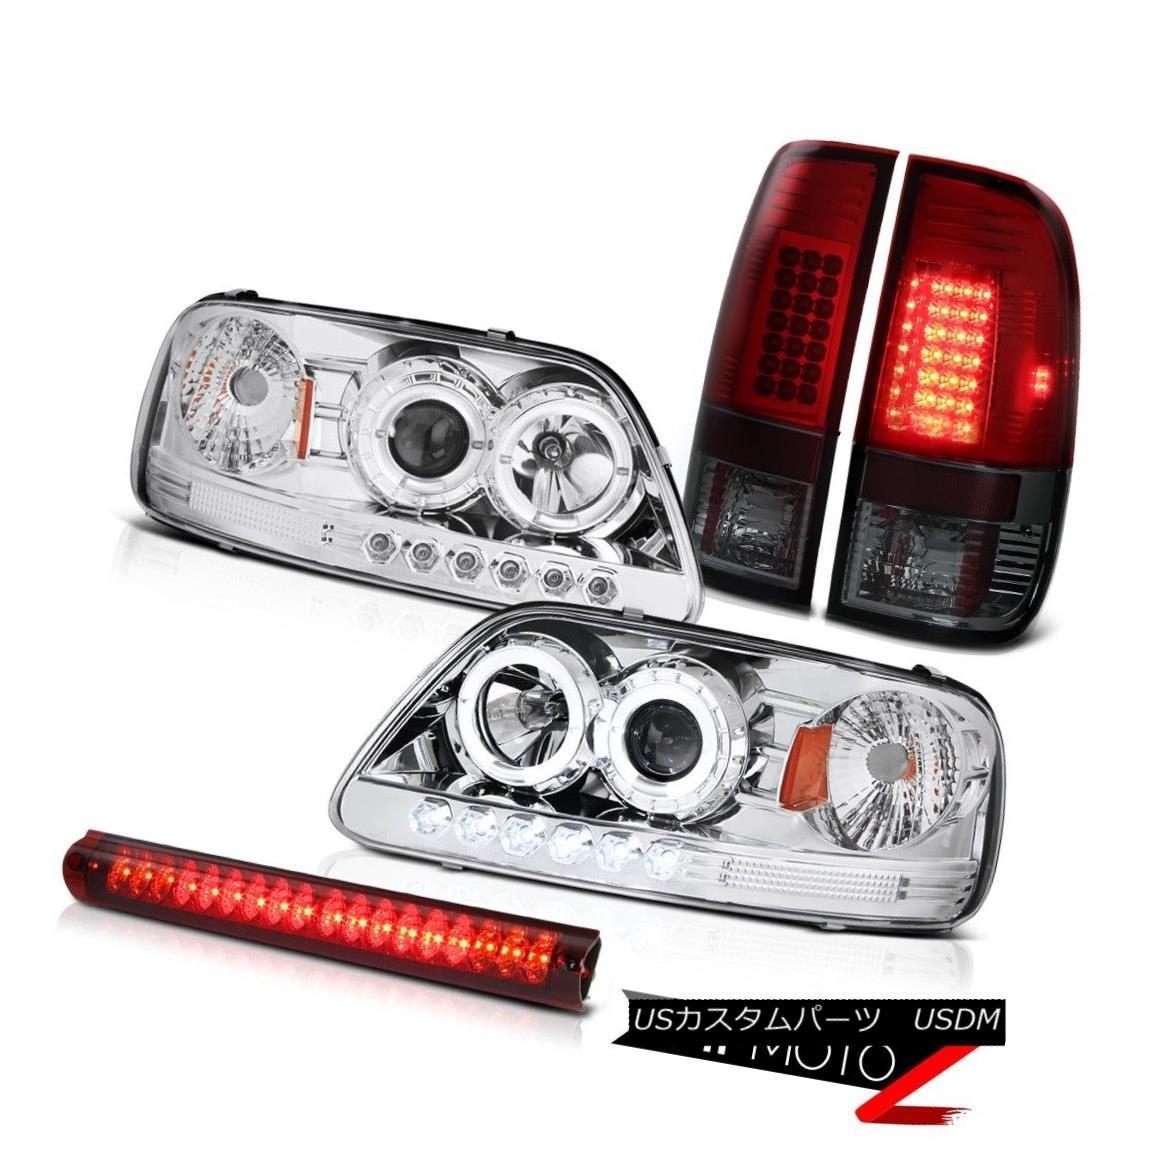 ヘッドライト Chrome LED Angel Eye Headlights 97-03 F150 XL Burgundy Taillight Red Brake Light クロームLEDエンジェルアイヘッドライト97-03 F150 XLブルゴーニュテールライトレッドブレーキライト